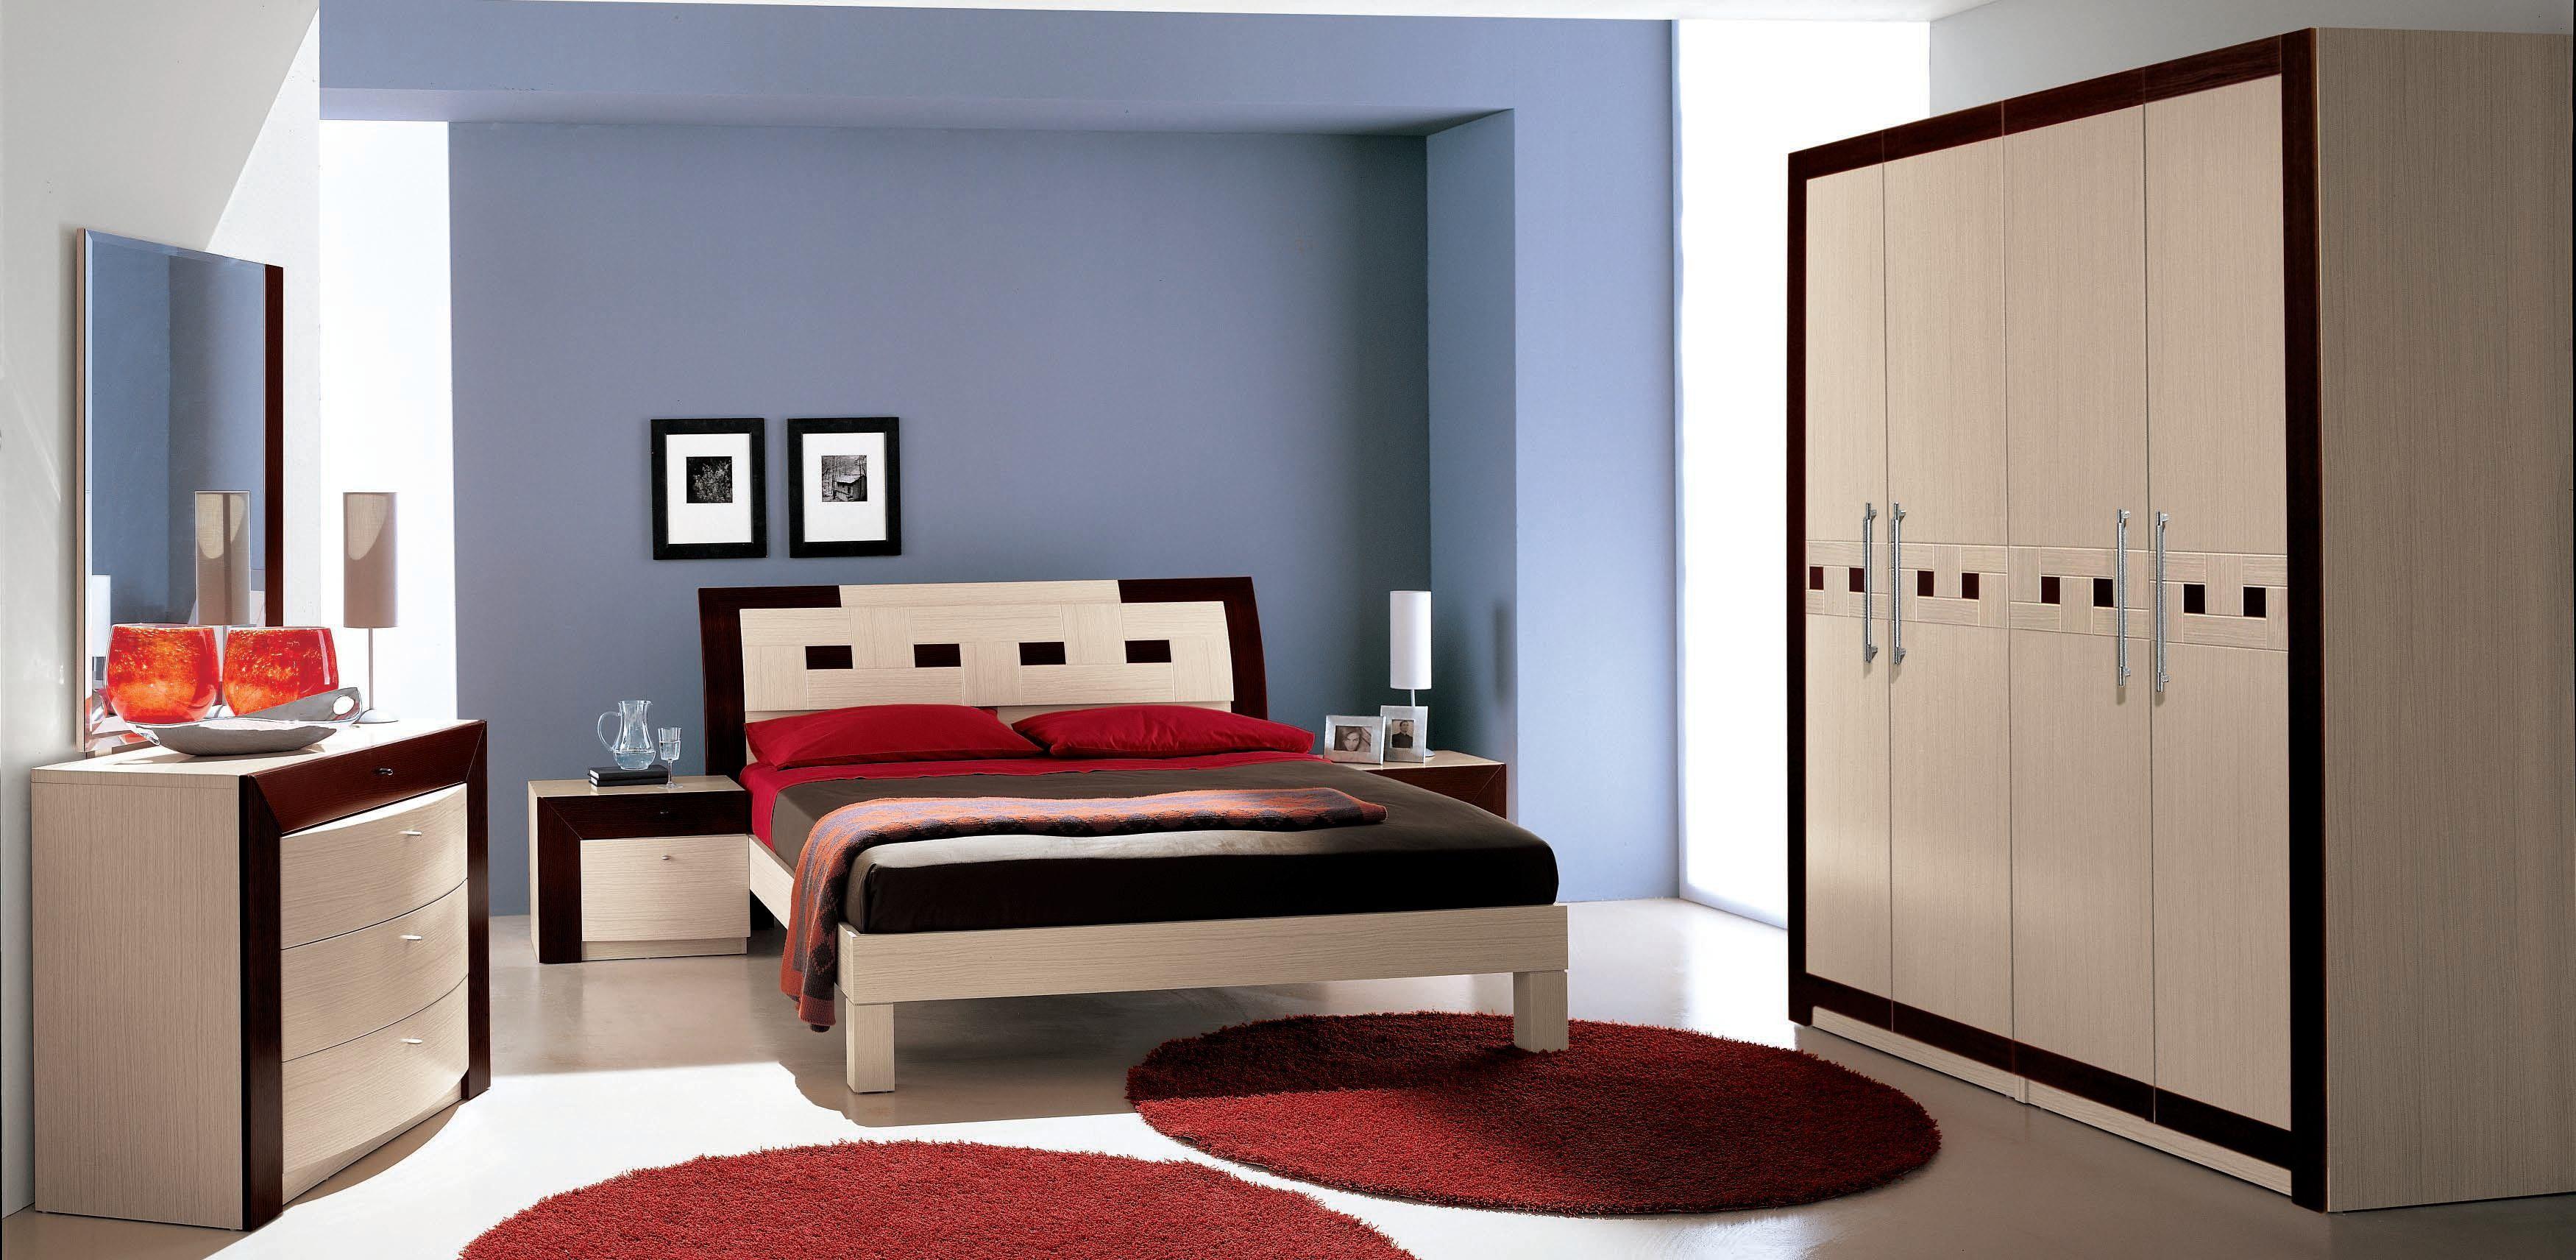 Over Wardrobe Storage image result for modern wardrobe storage over bed | for the